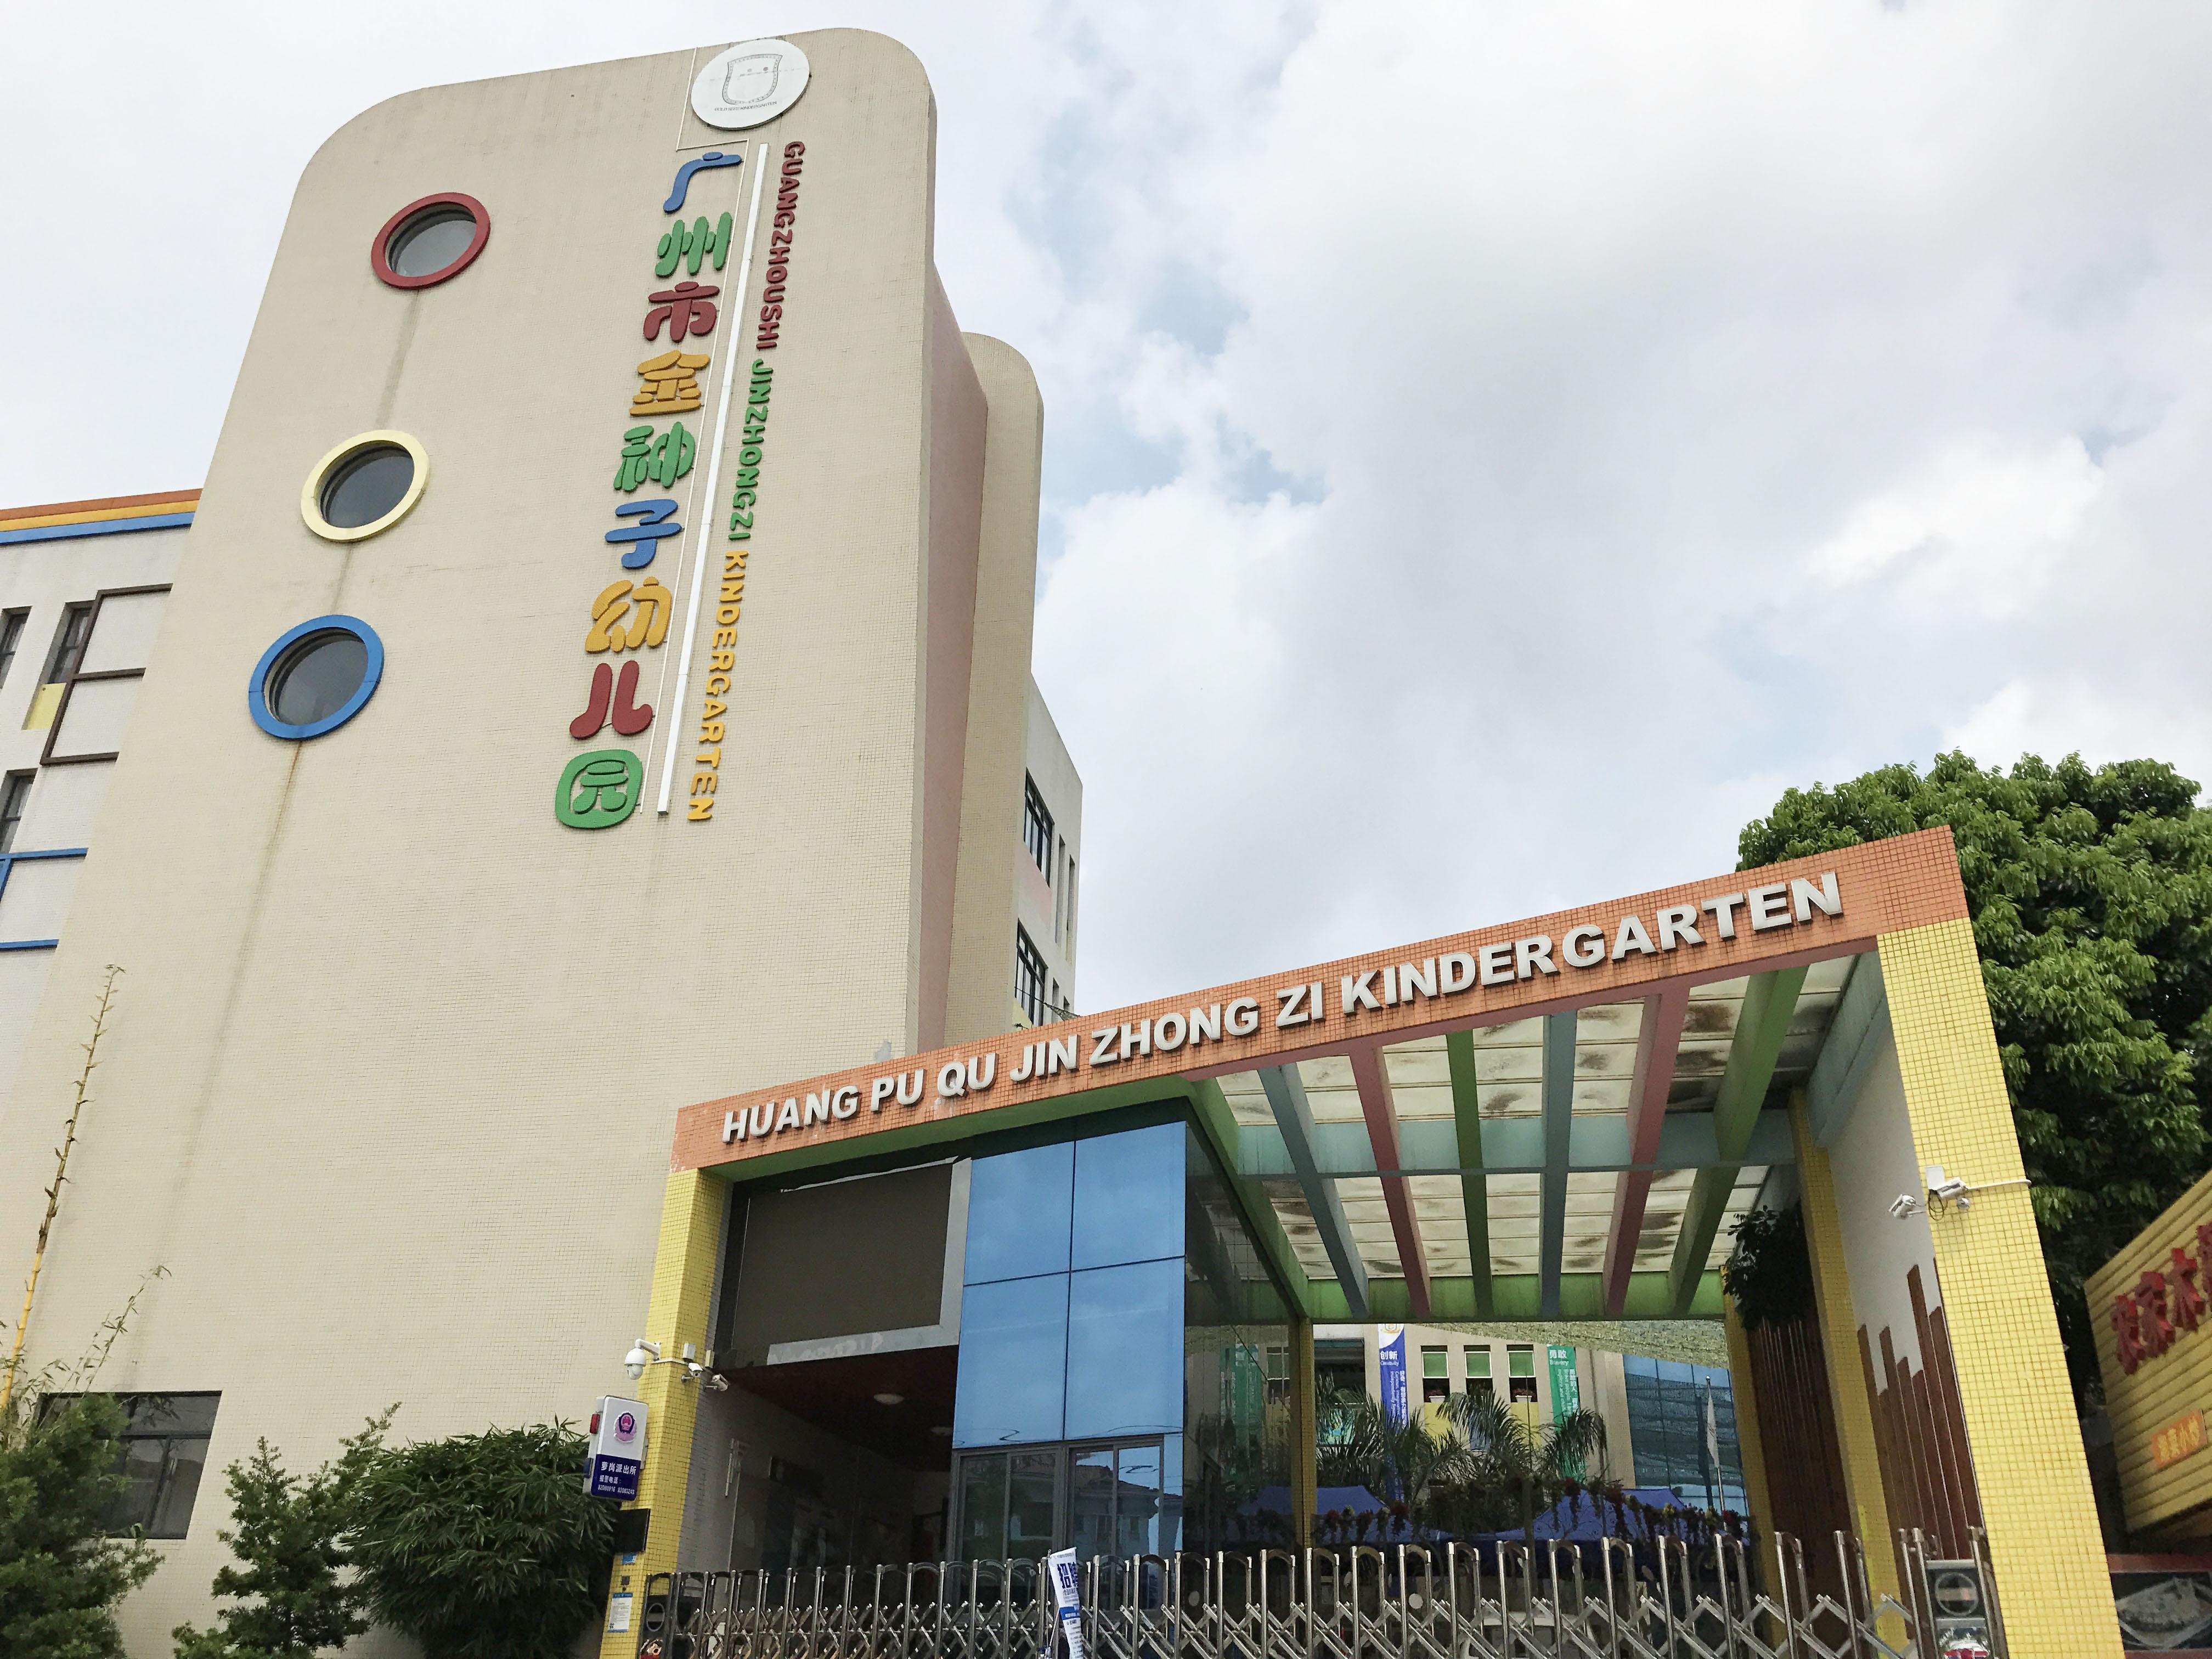 Guangzhoushi-Jinzhongzi-Kindergarten-in-china-5.jpg